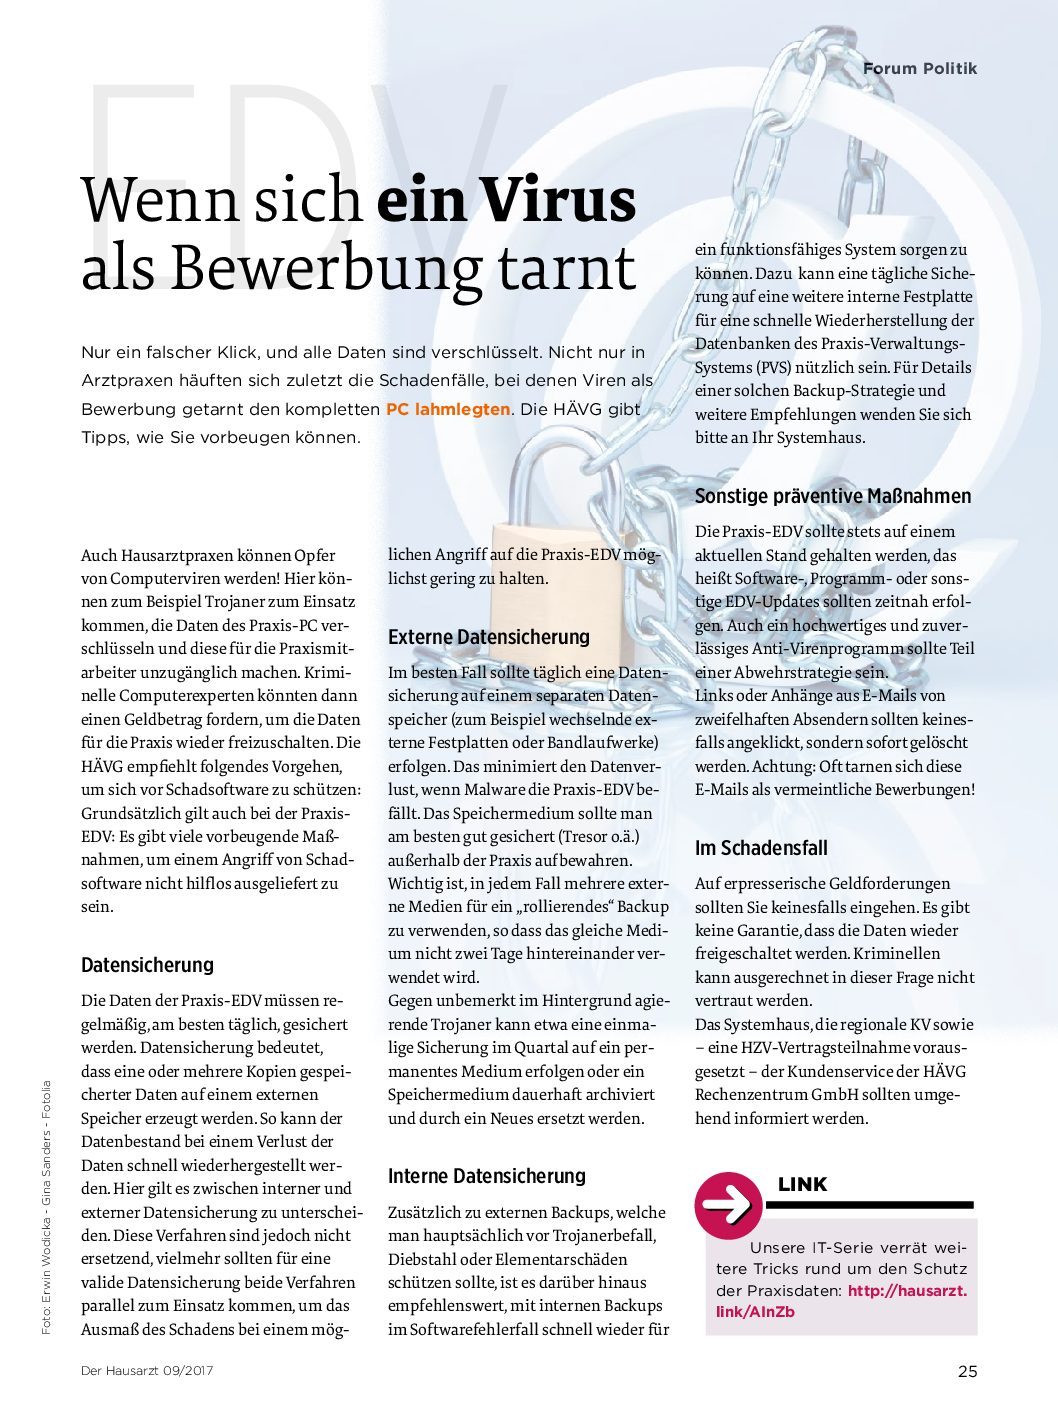 Wenn Sich Ein Virus Als Bewerbung Tarnt Der Hausarzt